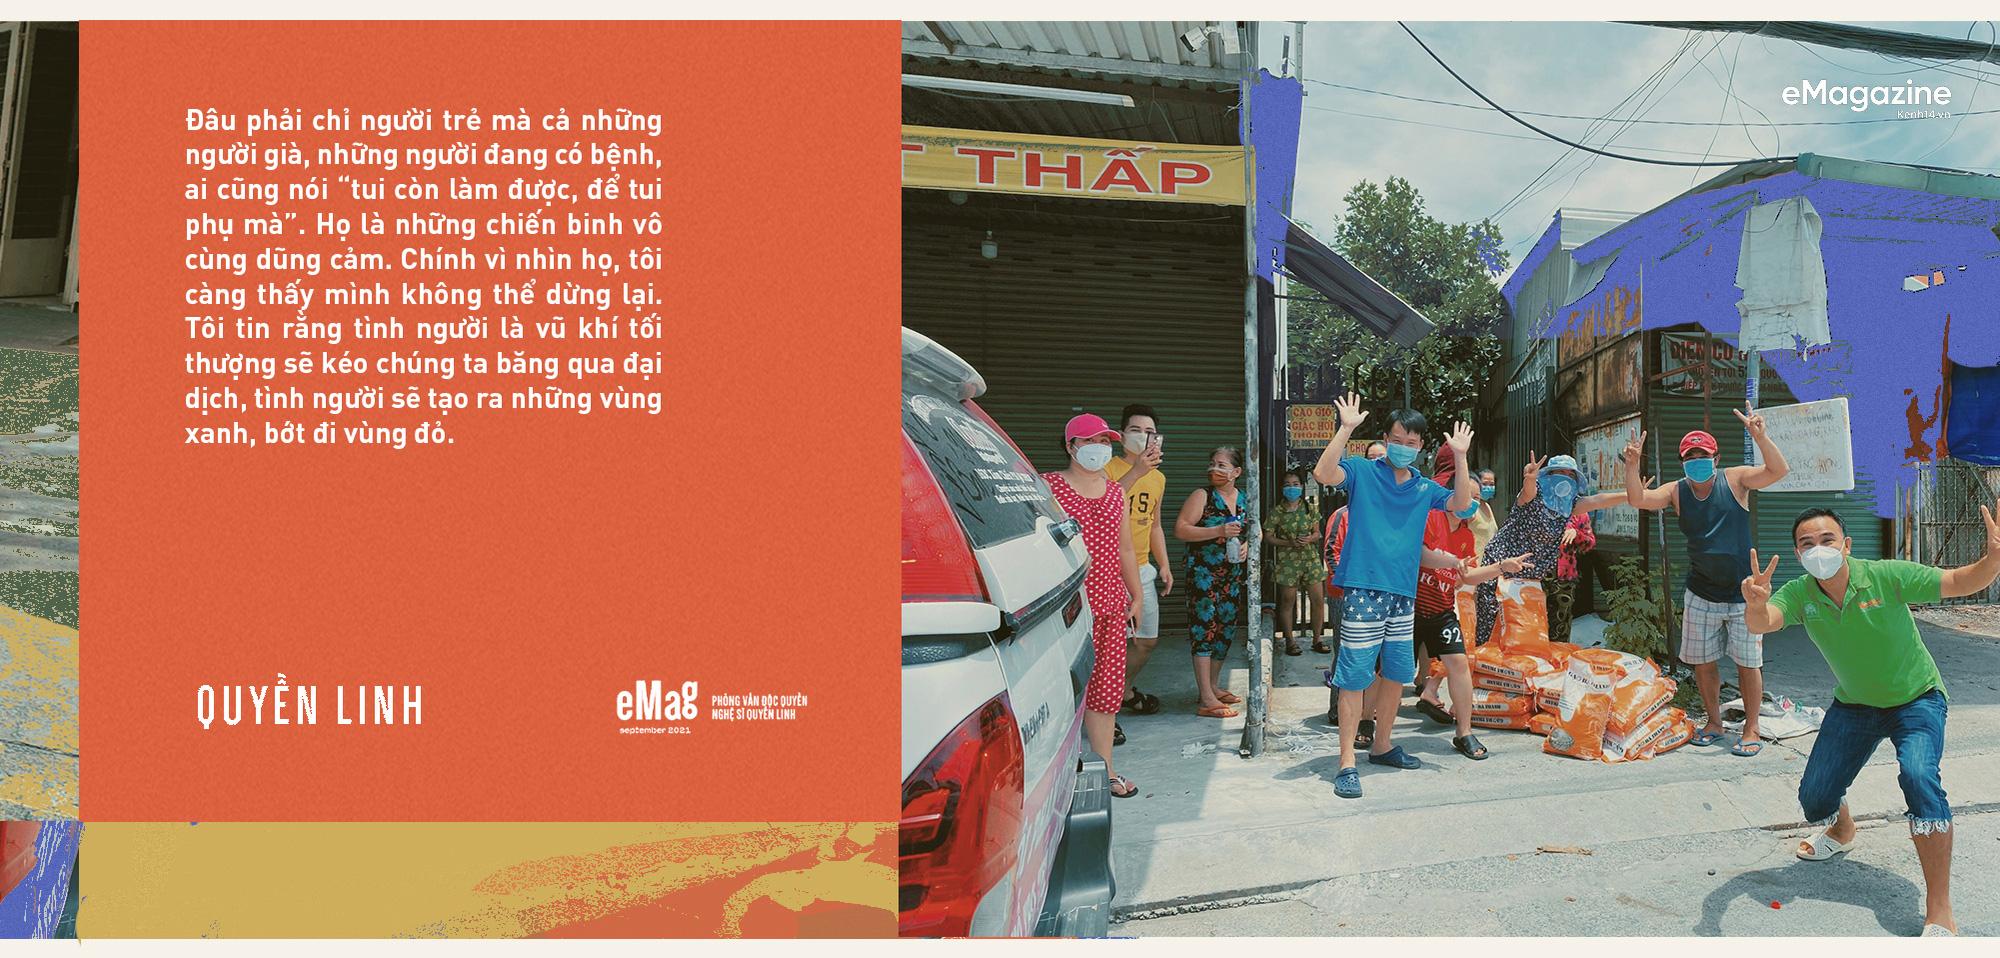 Quyền Linh: Sài Gòn đã cho tôi quá nhiều, giờ khi thành phố bị ốm, sao mình đành lòng ở trong nhà mà hưởng thụ - Ảnh 16.